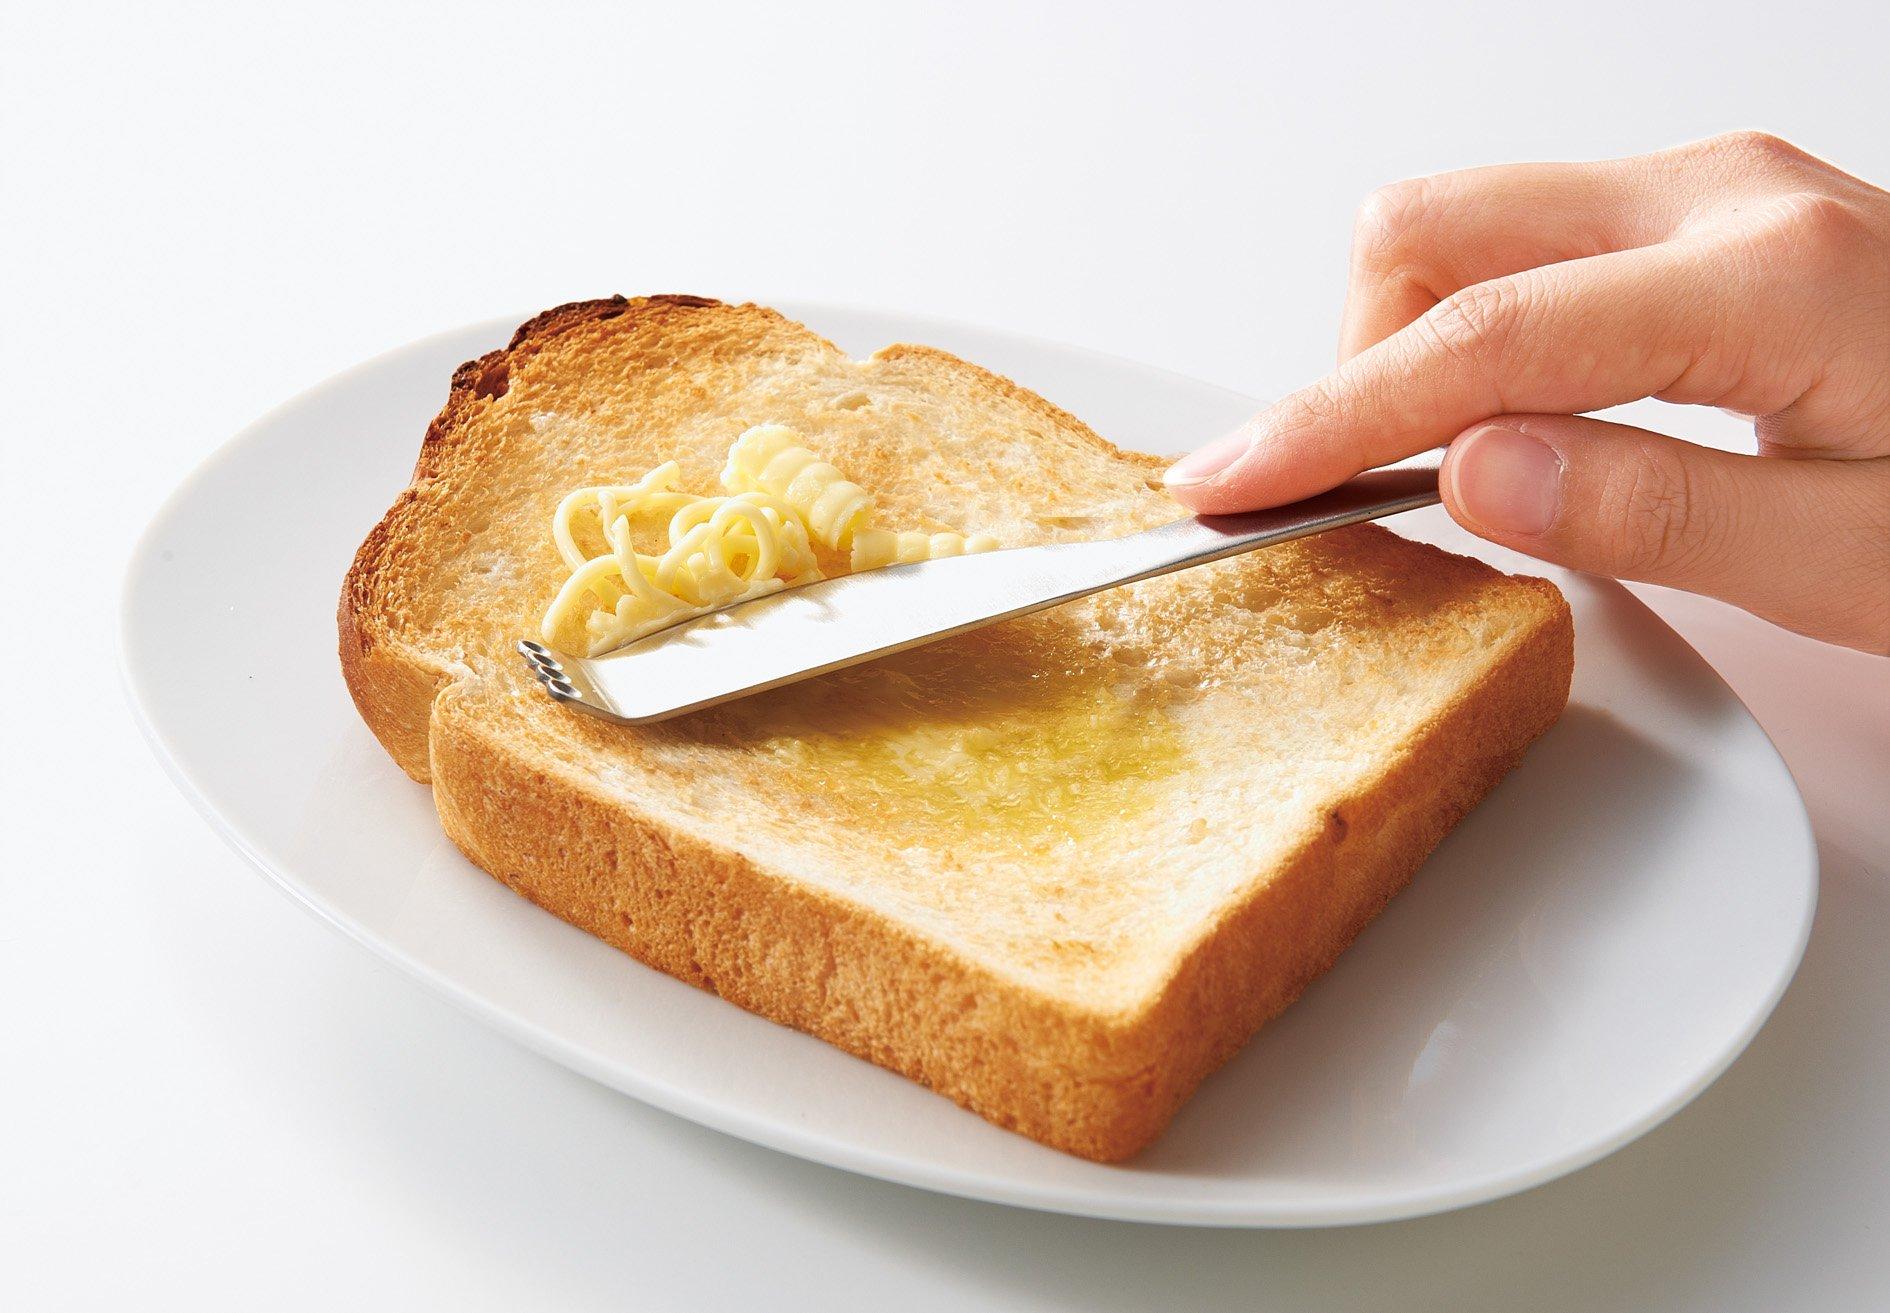 コジット バターピーラーナイフ 【冷蔵庫で固くなったバターが簡単に削れる! 】